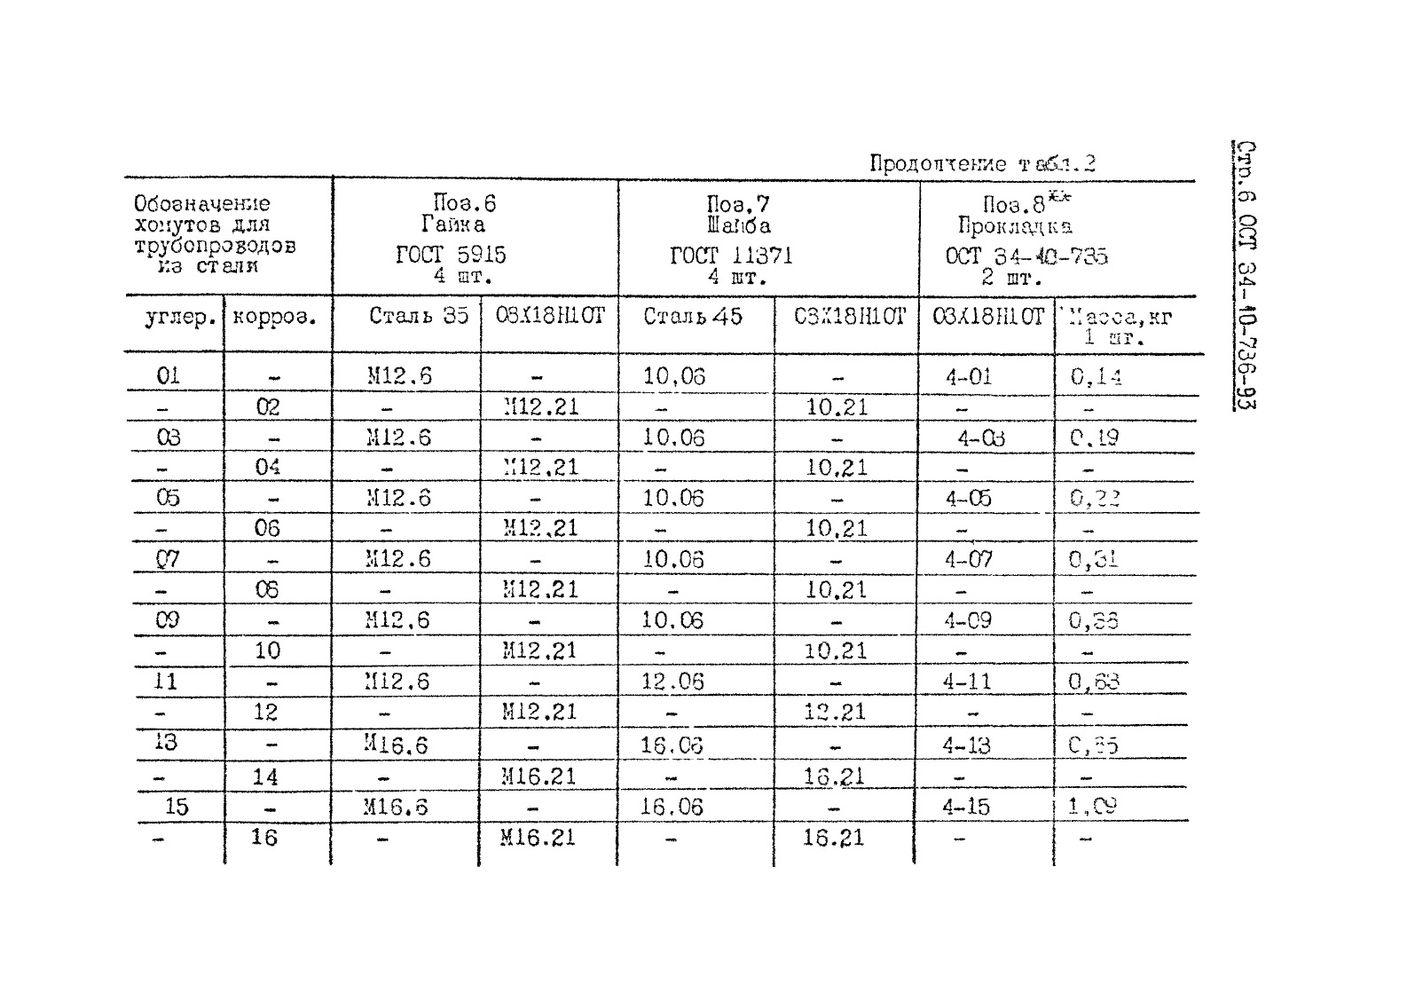 Хомуты для вертикальных трубопроводов ОСТ 34-10-736-93 стр.6